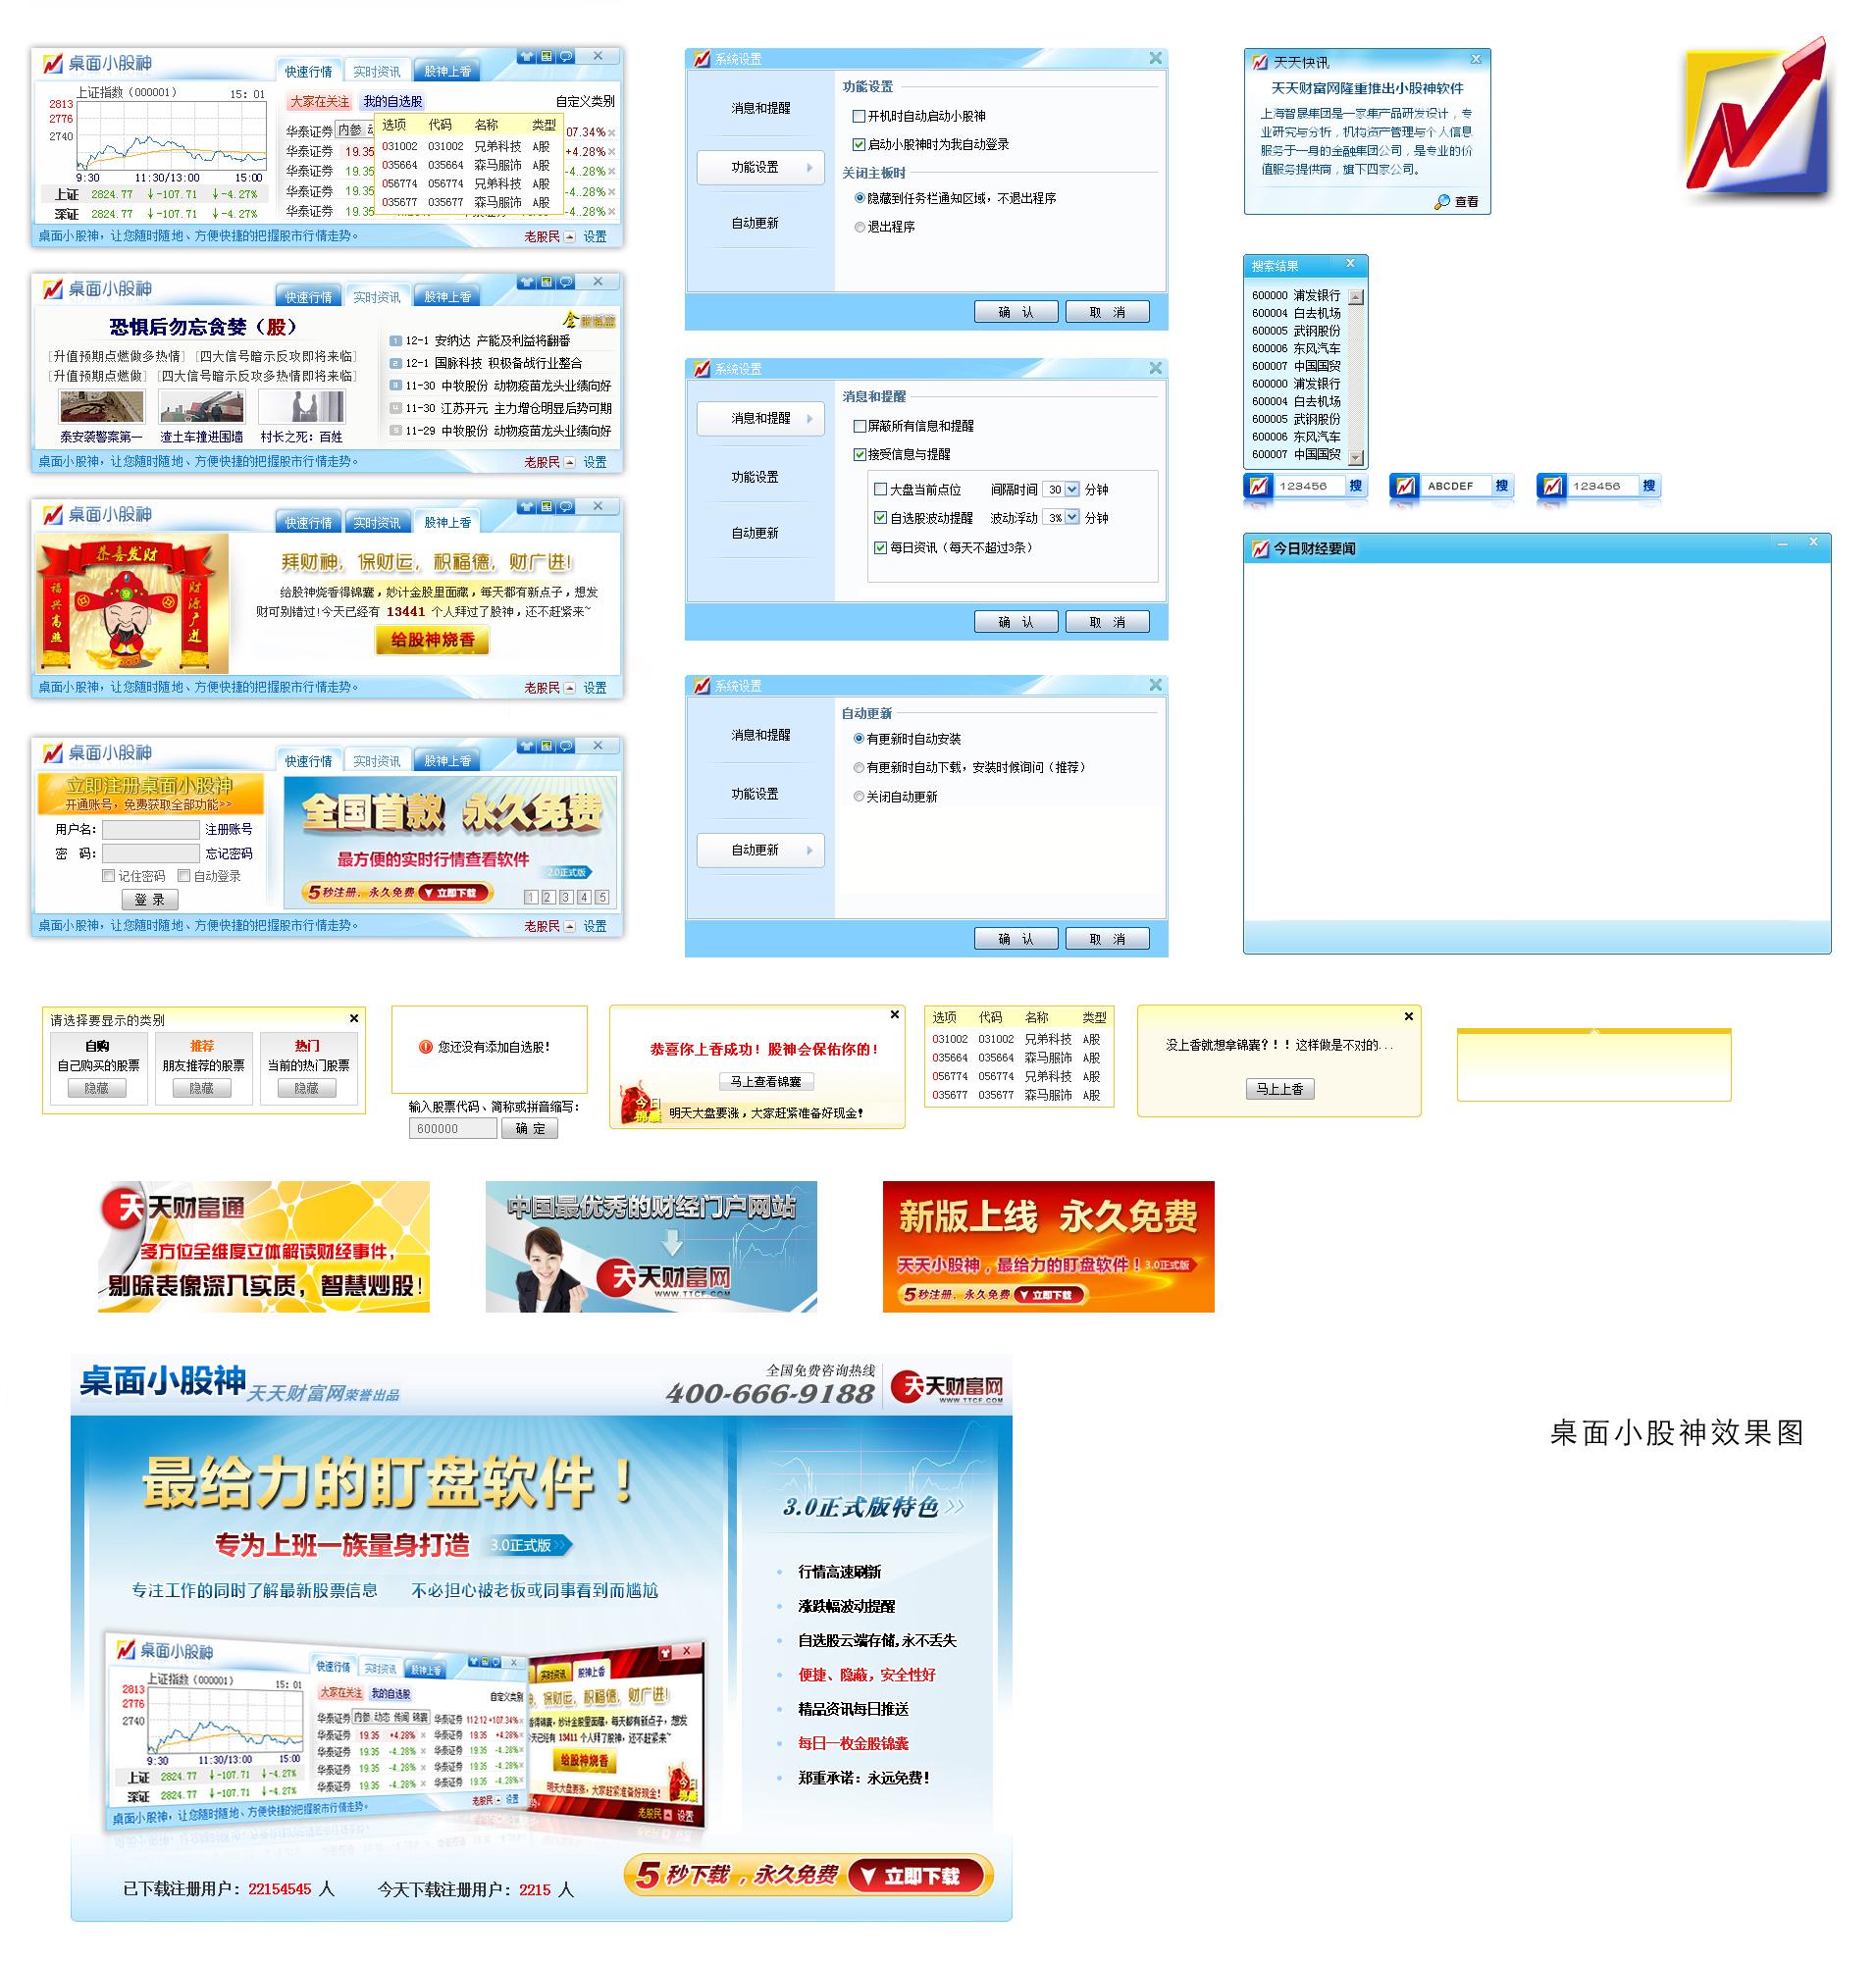 WWW_TT081_COM_ttcf.com